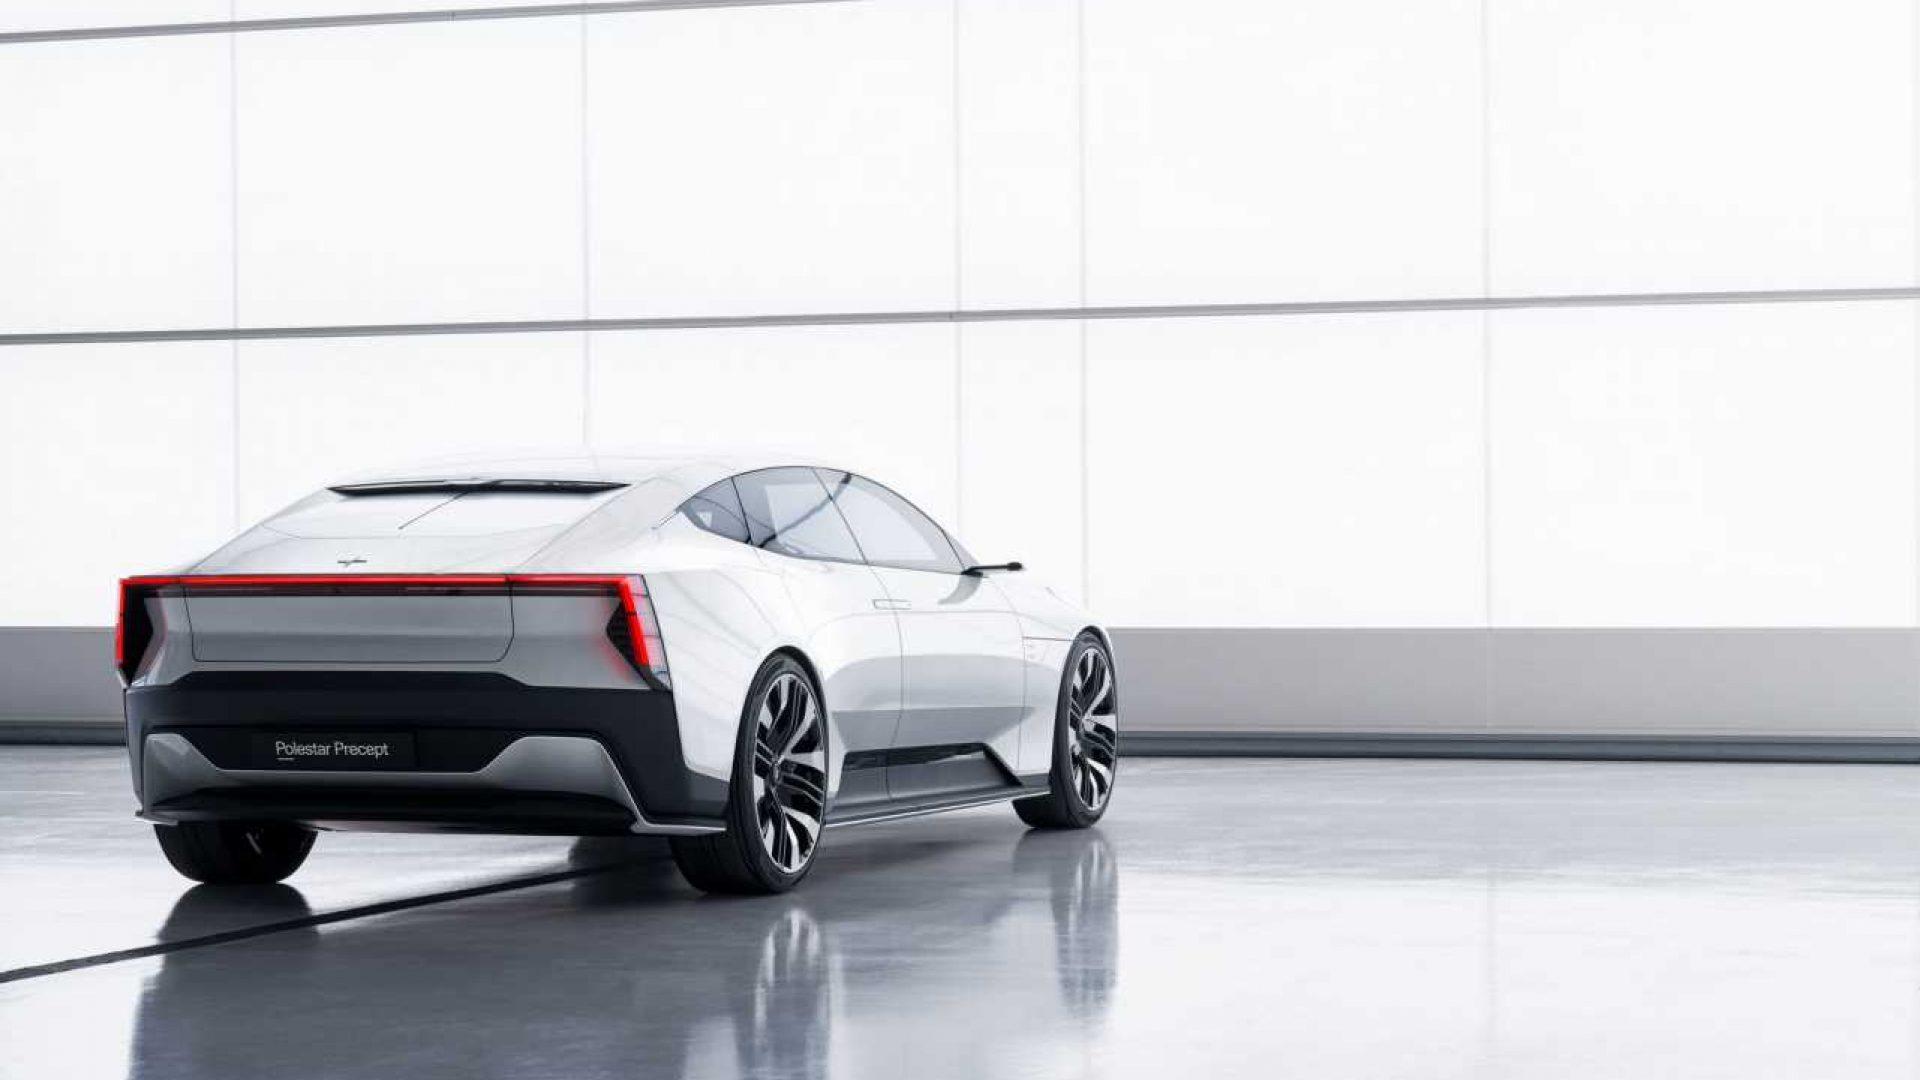 2020-Polestar-Precept-Concept-11